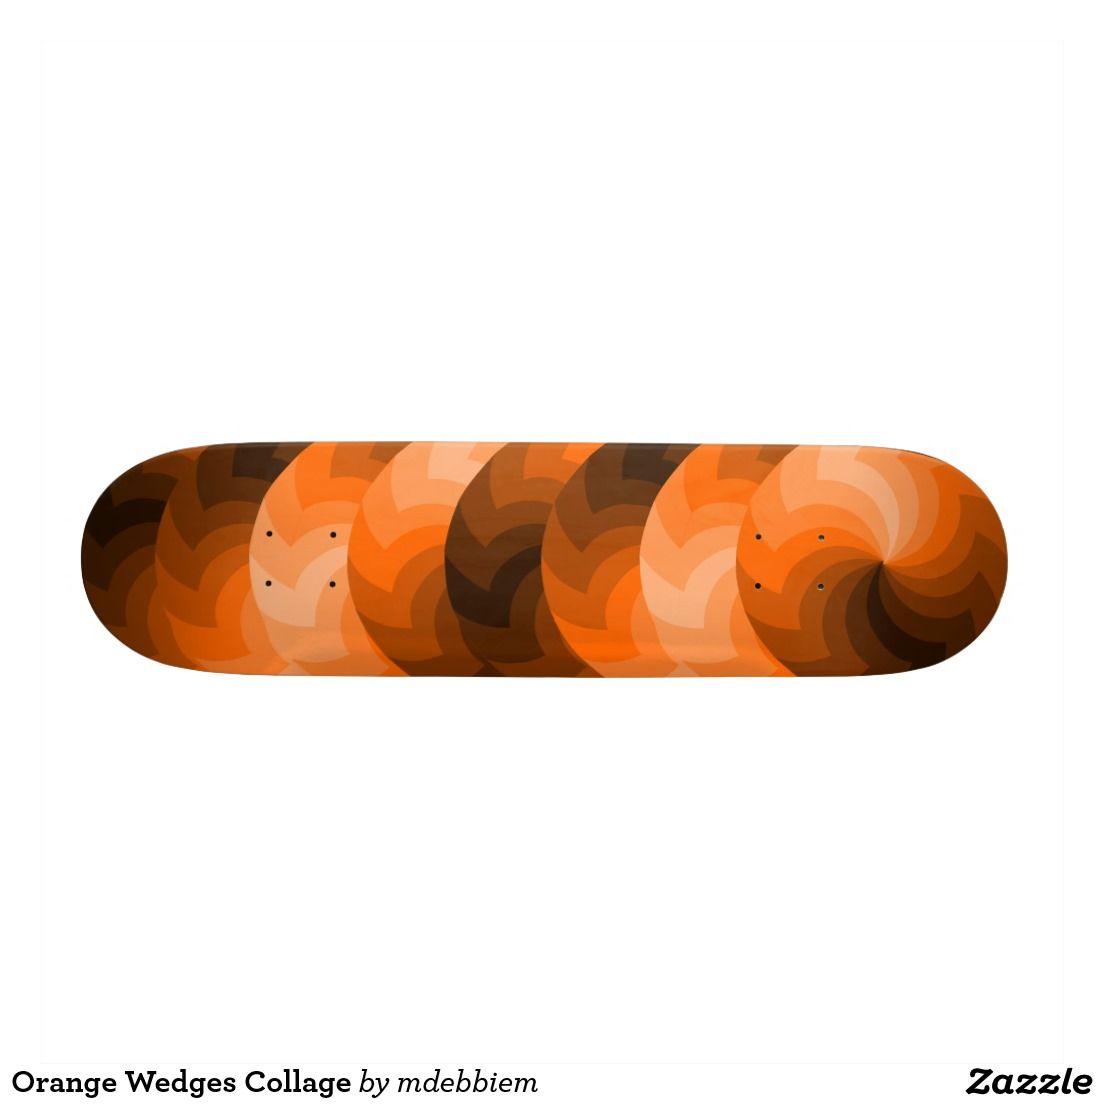 Orange Wedges Collage Skateboards